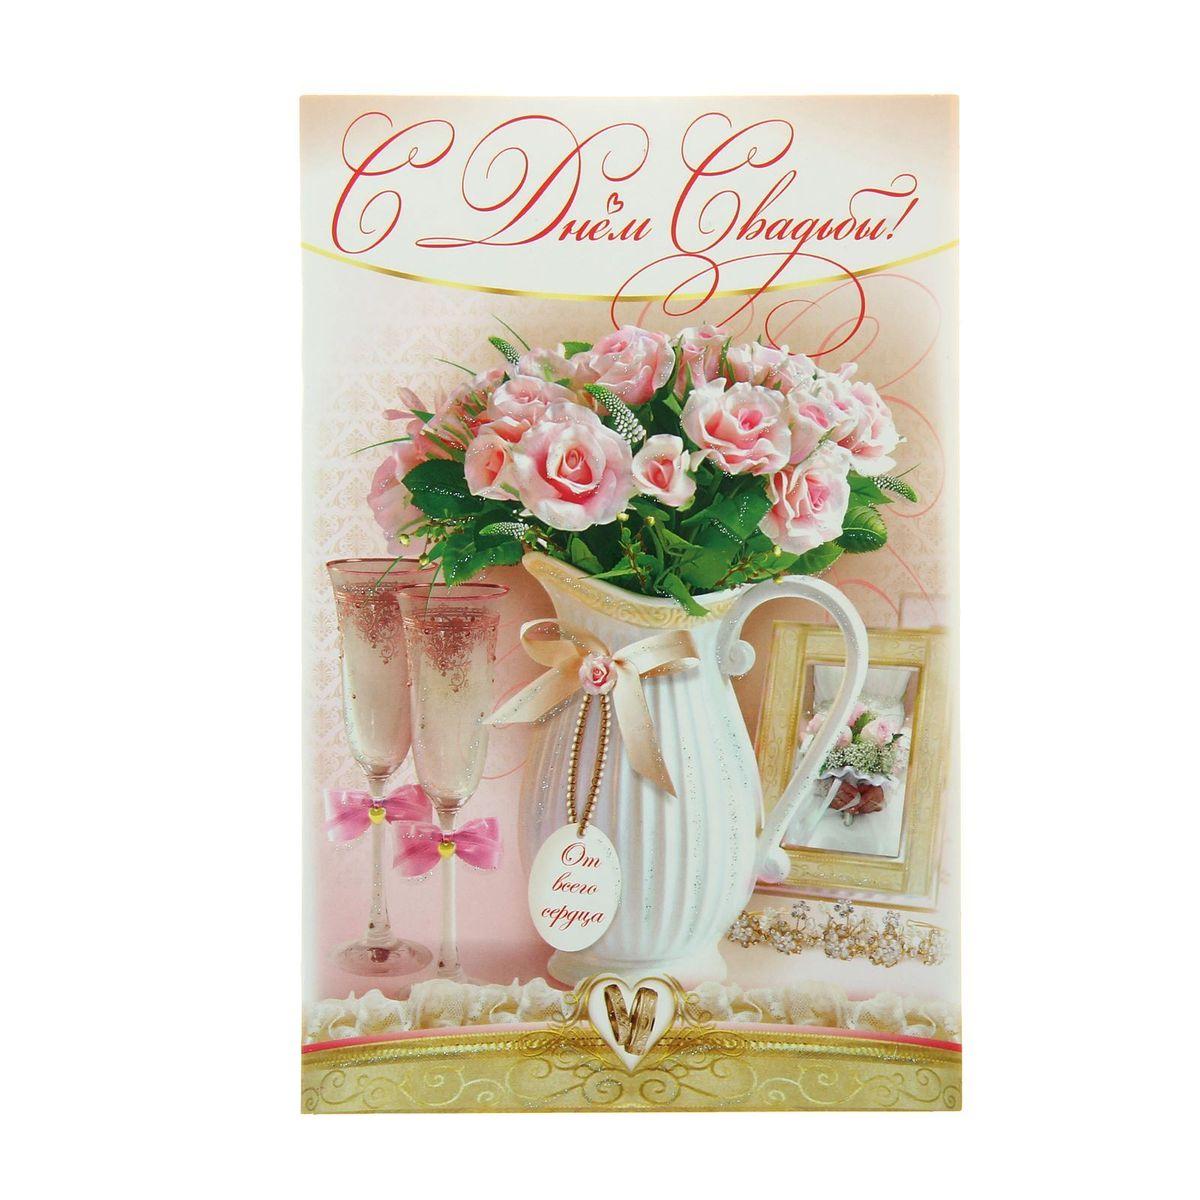 Открытка Эдельвейс С днем свадьбы!. 1162329 открытка эдельвейс с днем свадьбы 1162326